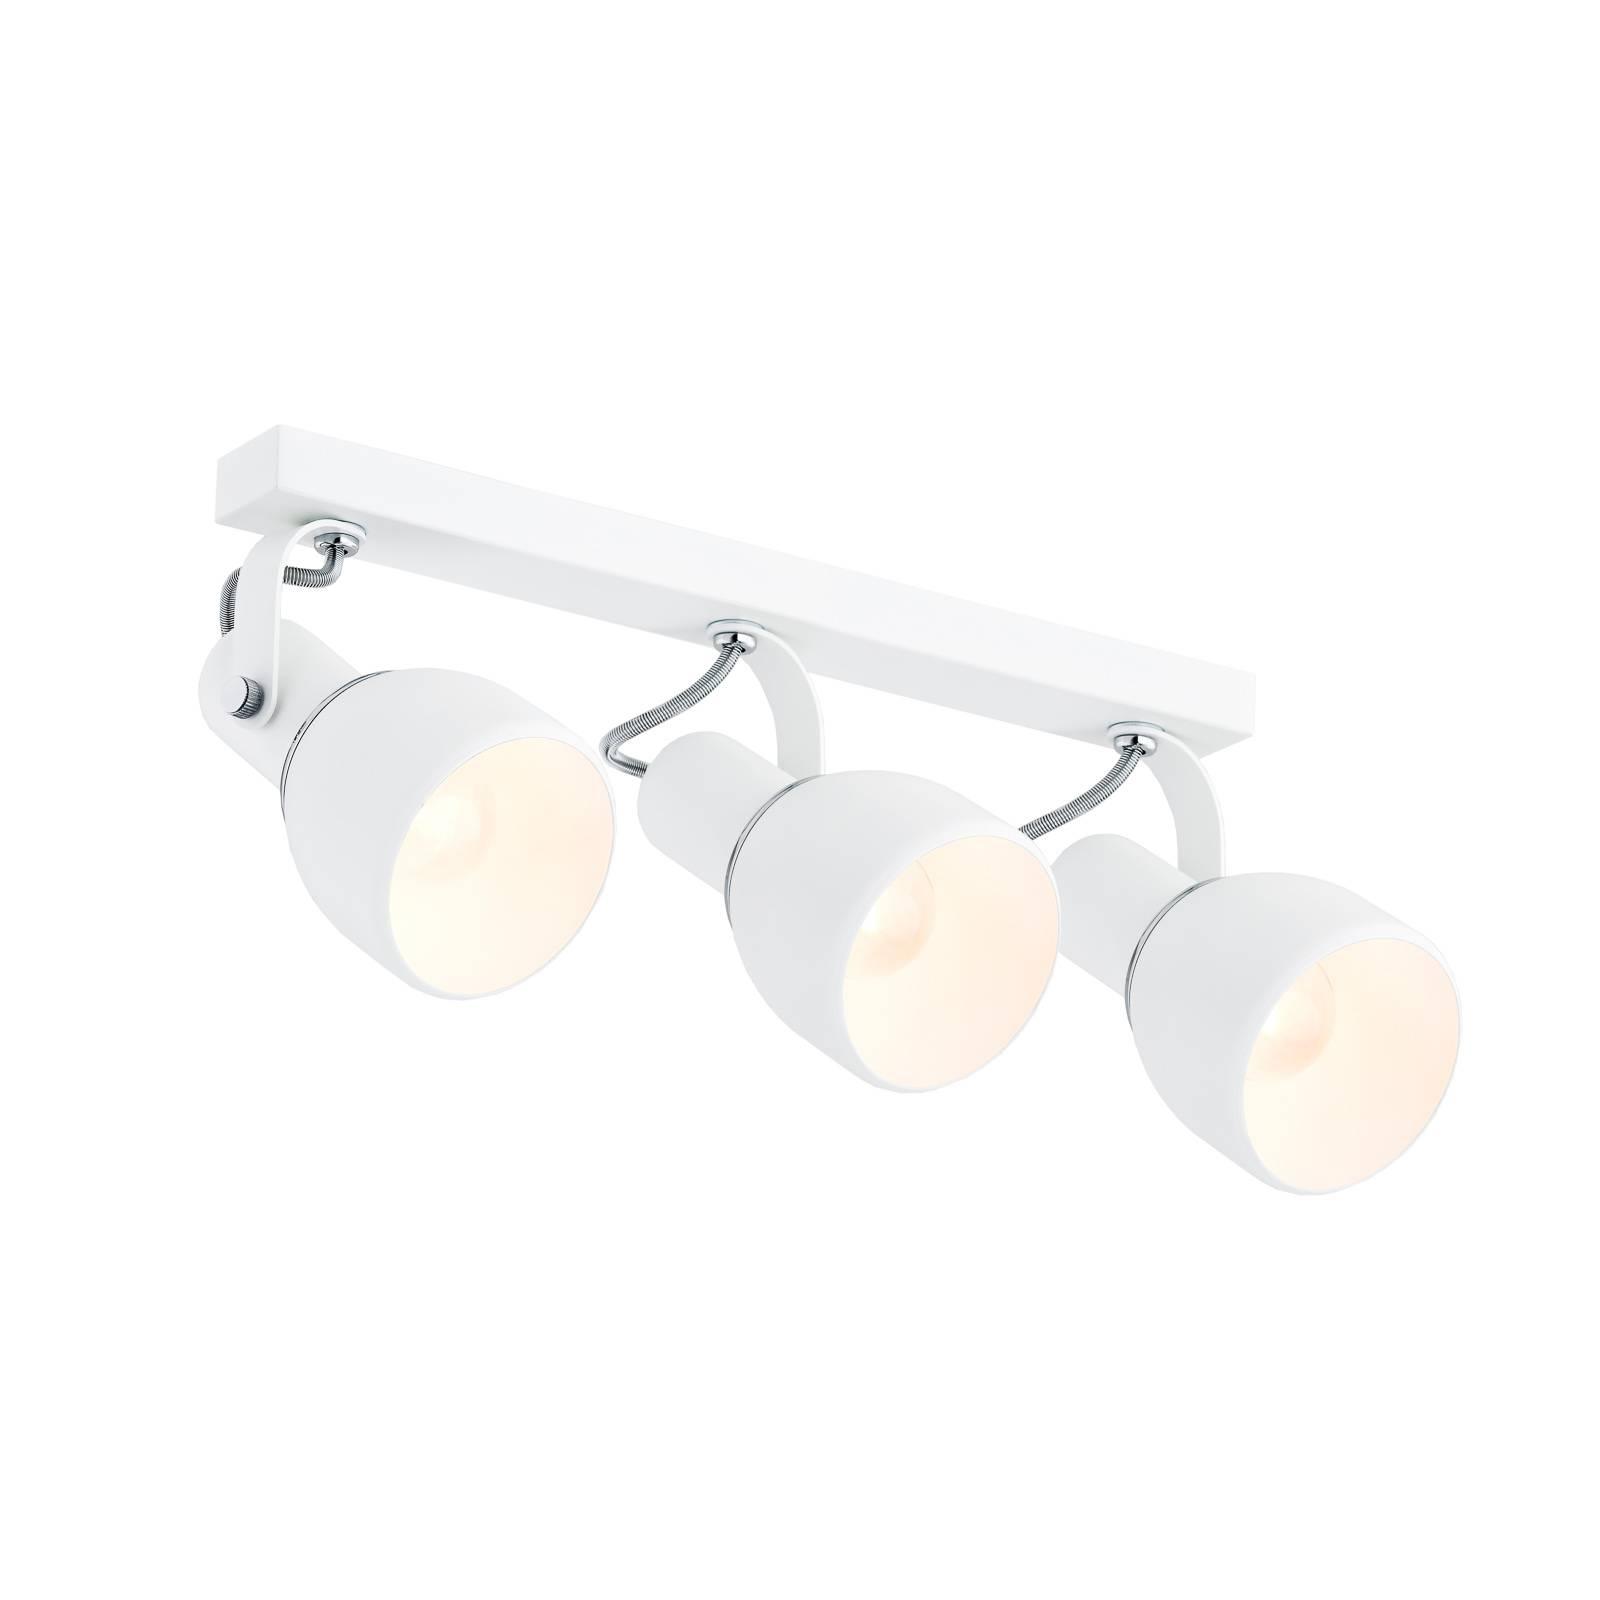 Kattokohdevalo Fiord, 3-lamppuinen, valkoinen